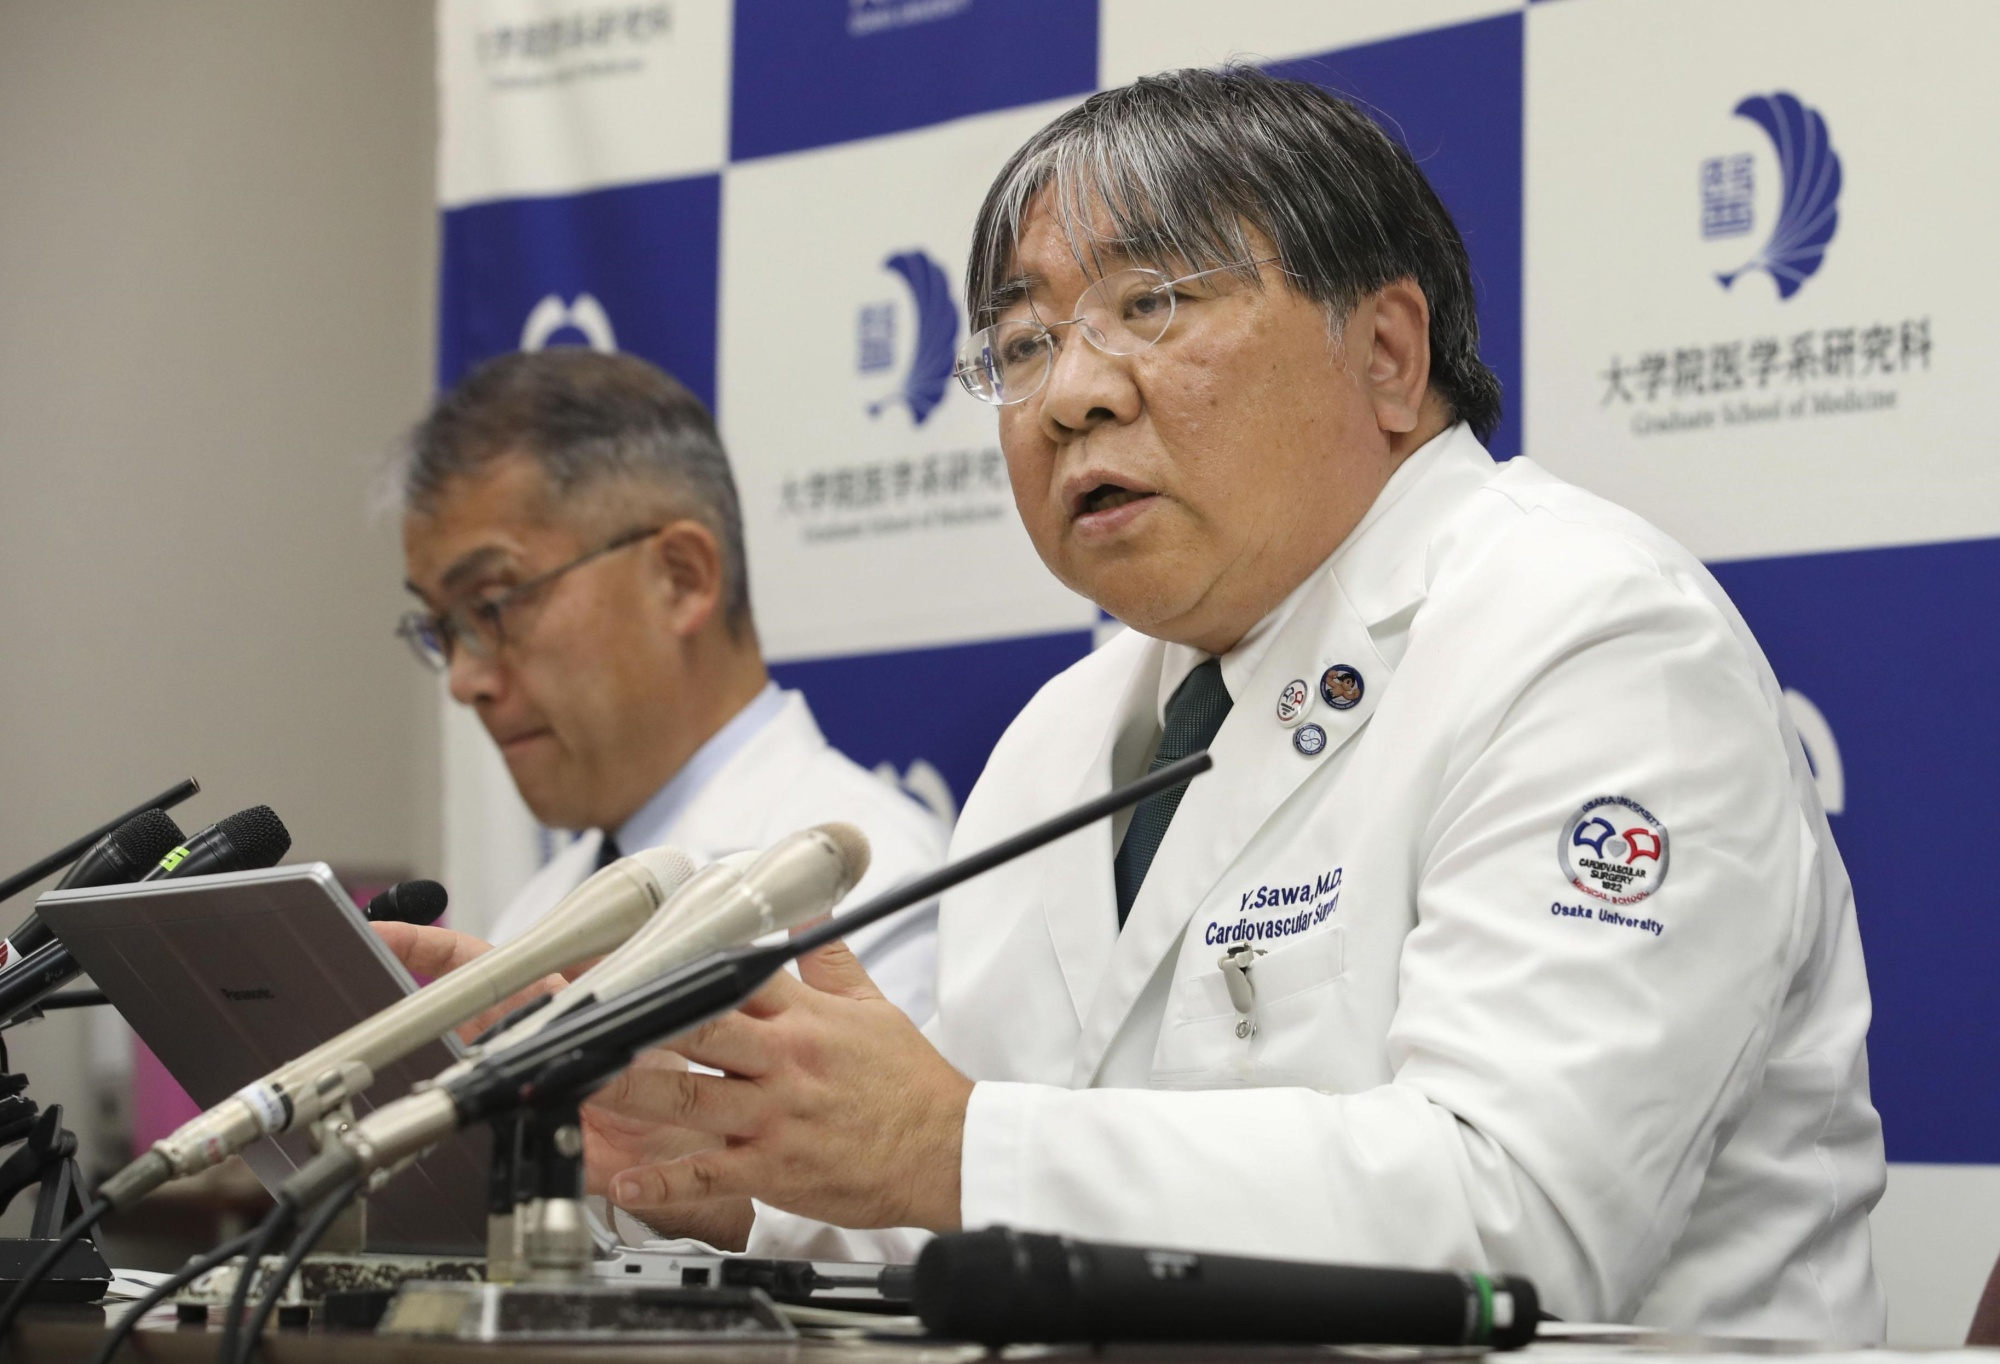 Впервые в истории: человеку трансплантировали сердечные мышцы, выращенные в лаборатории